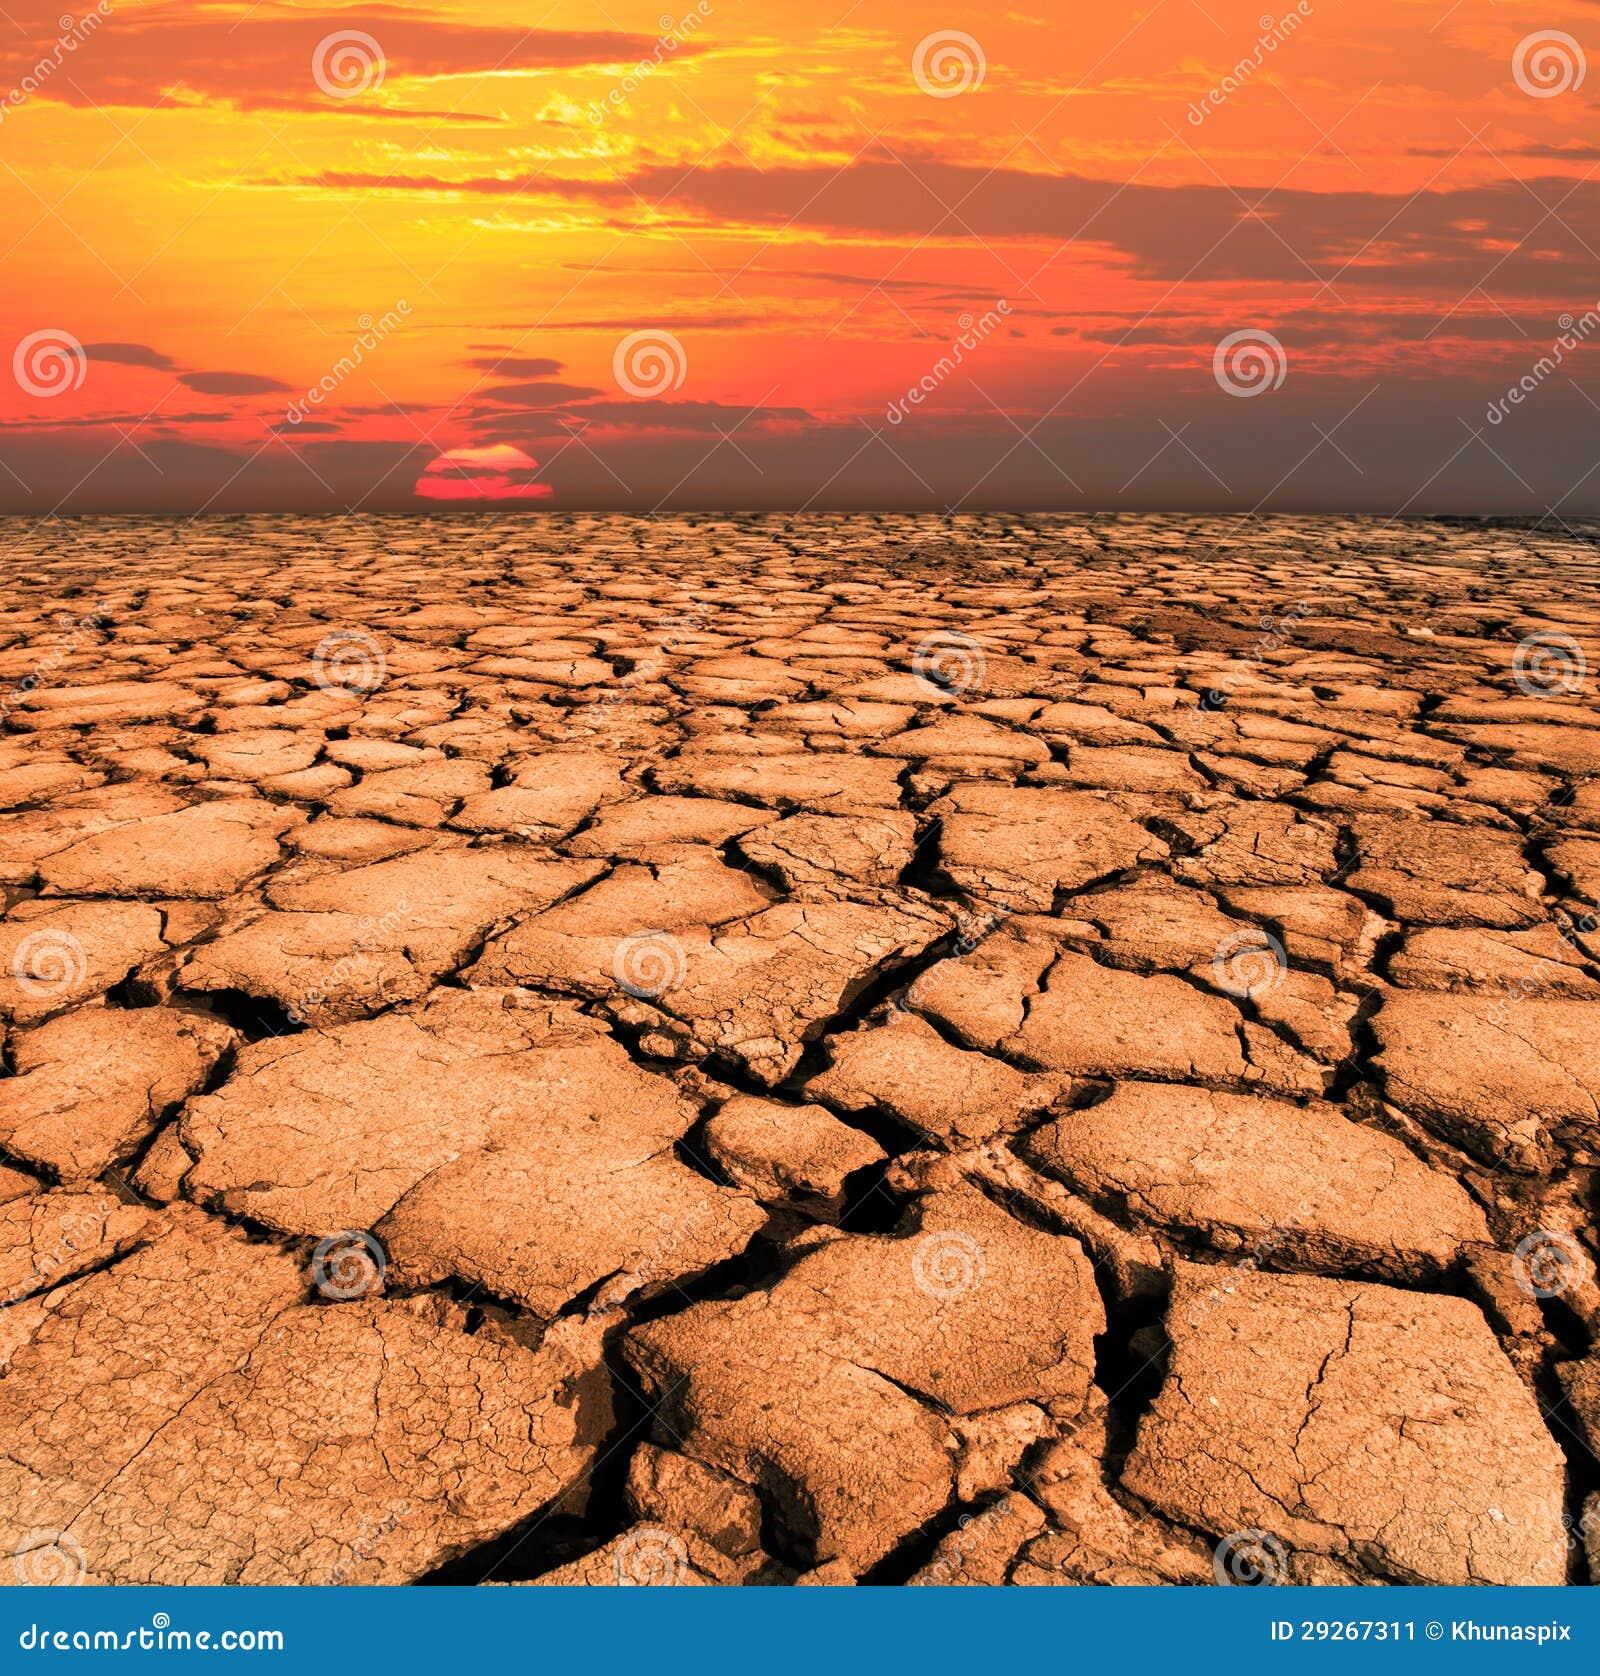 Torrt och knäckt land från naturkatastrof